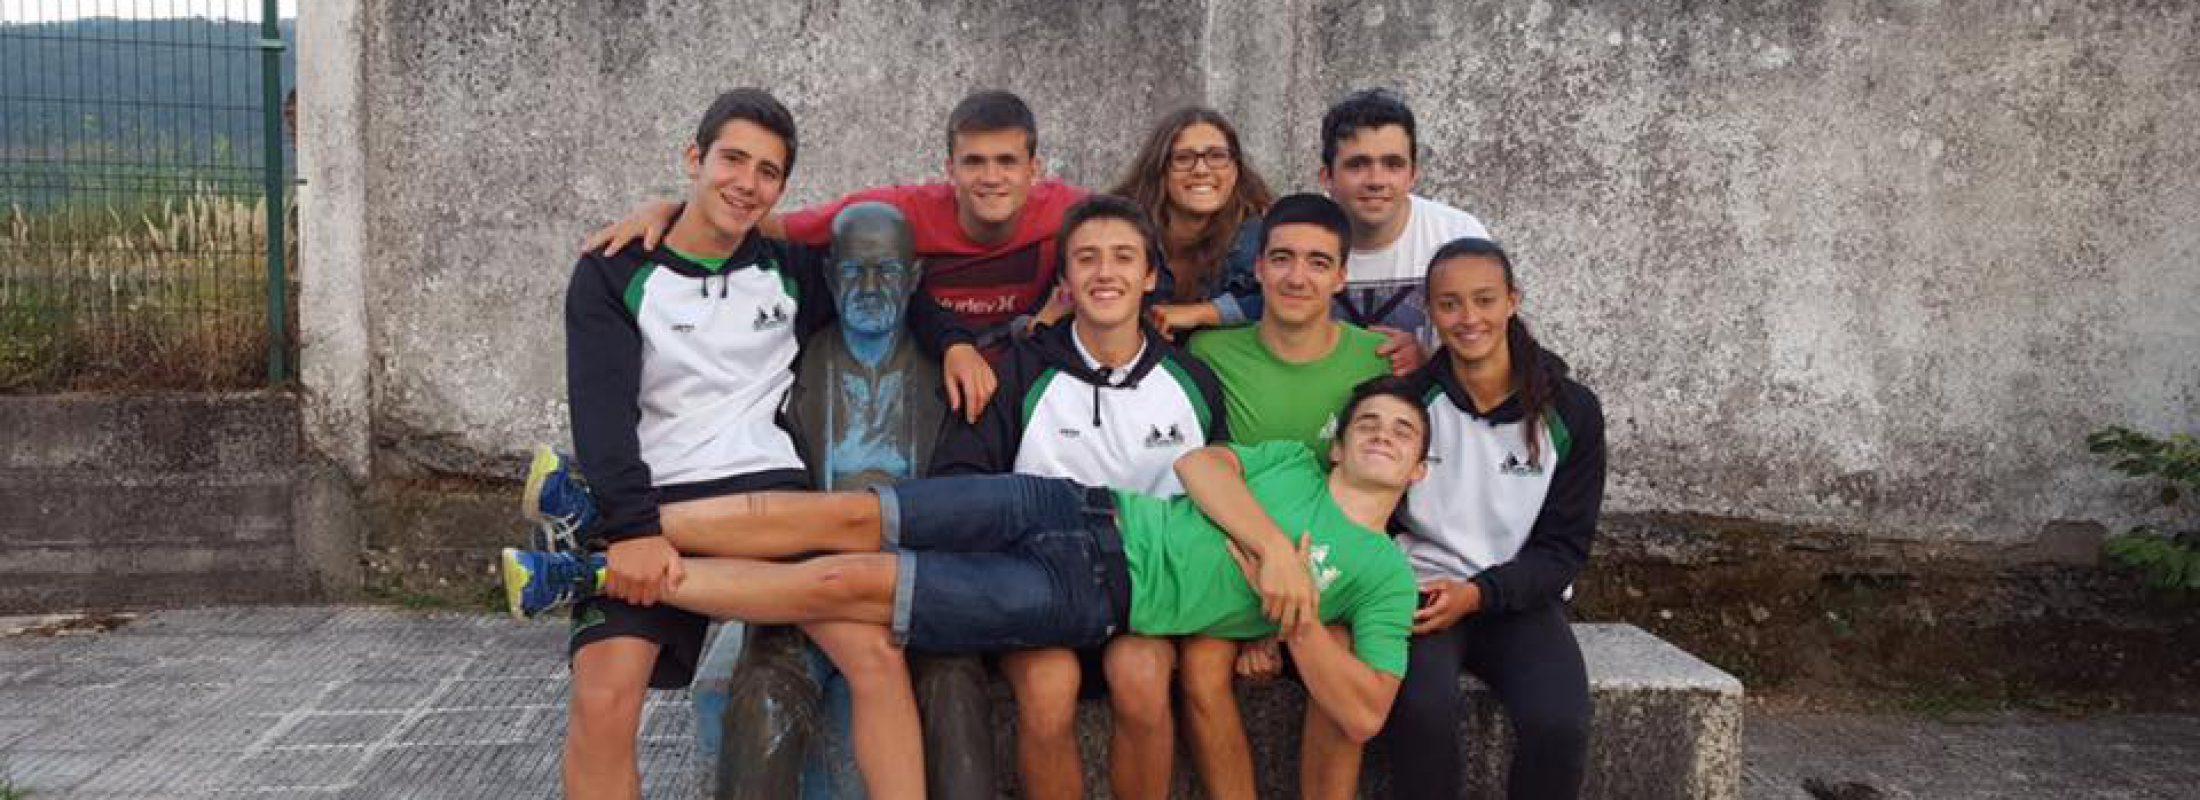 Campeonato de España de Sprint - Verducido 2017